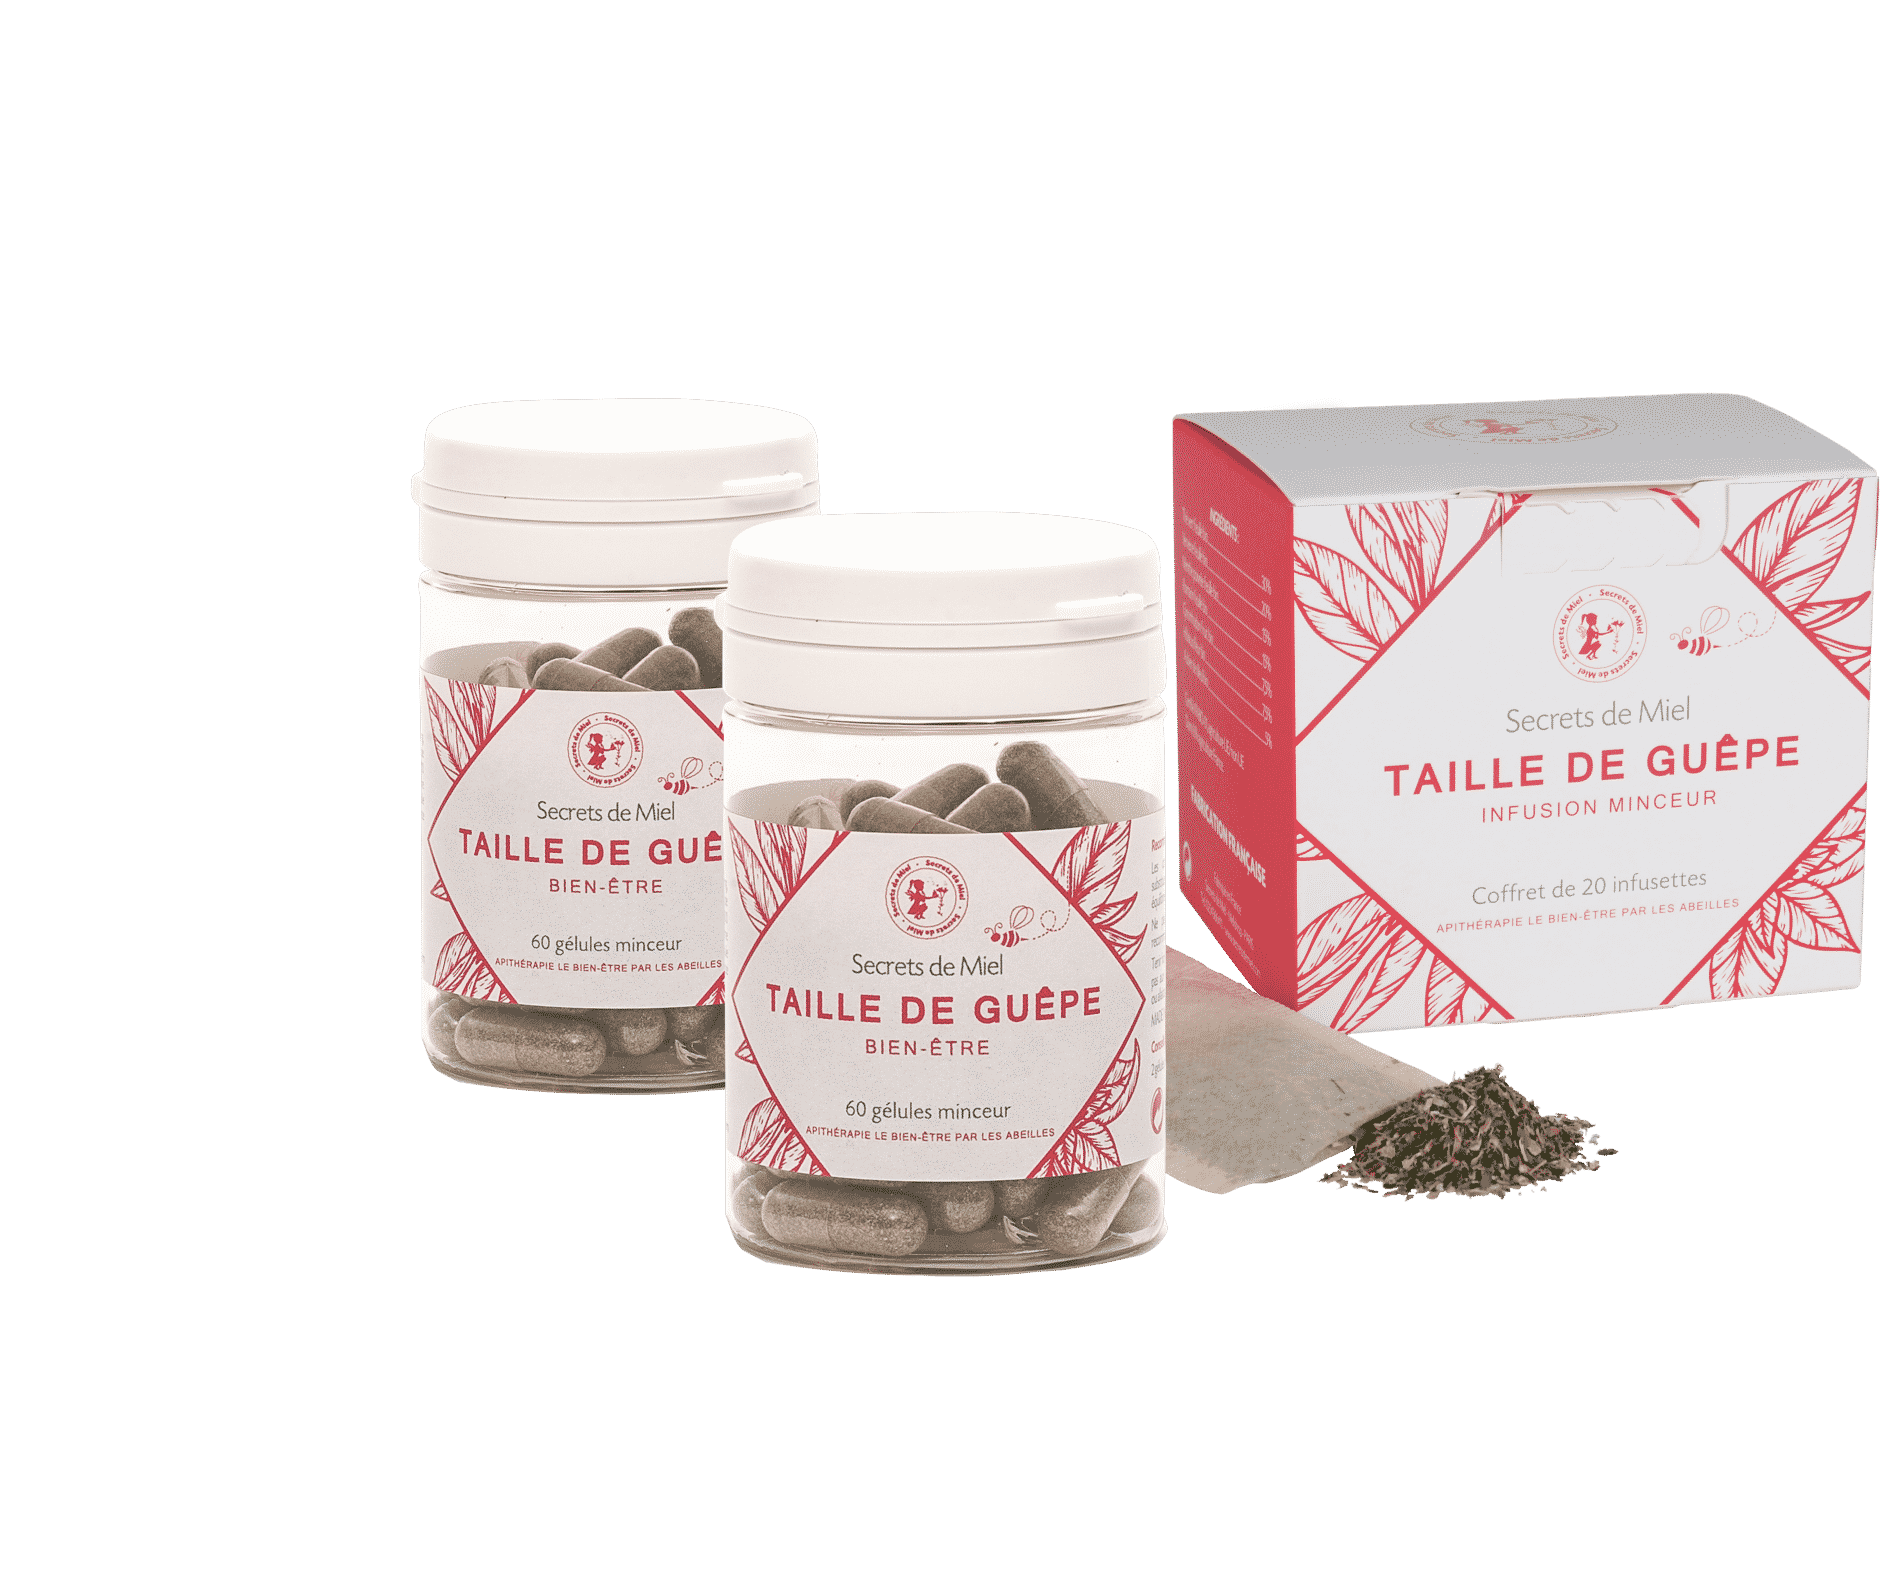 affiner son tour de taille - Minceur - Taille de Guêpe - produits naturels - Secrets de Miel